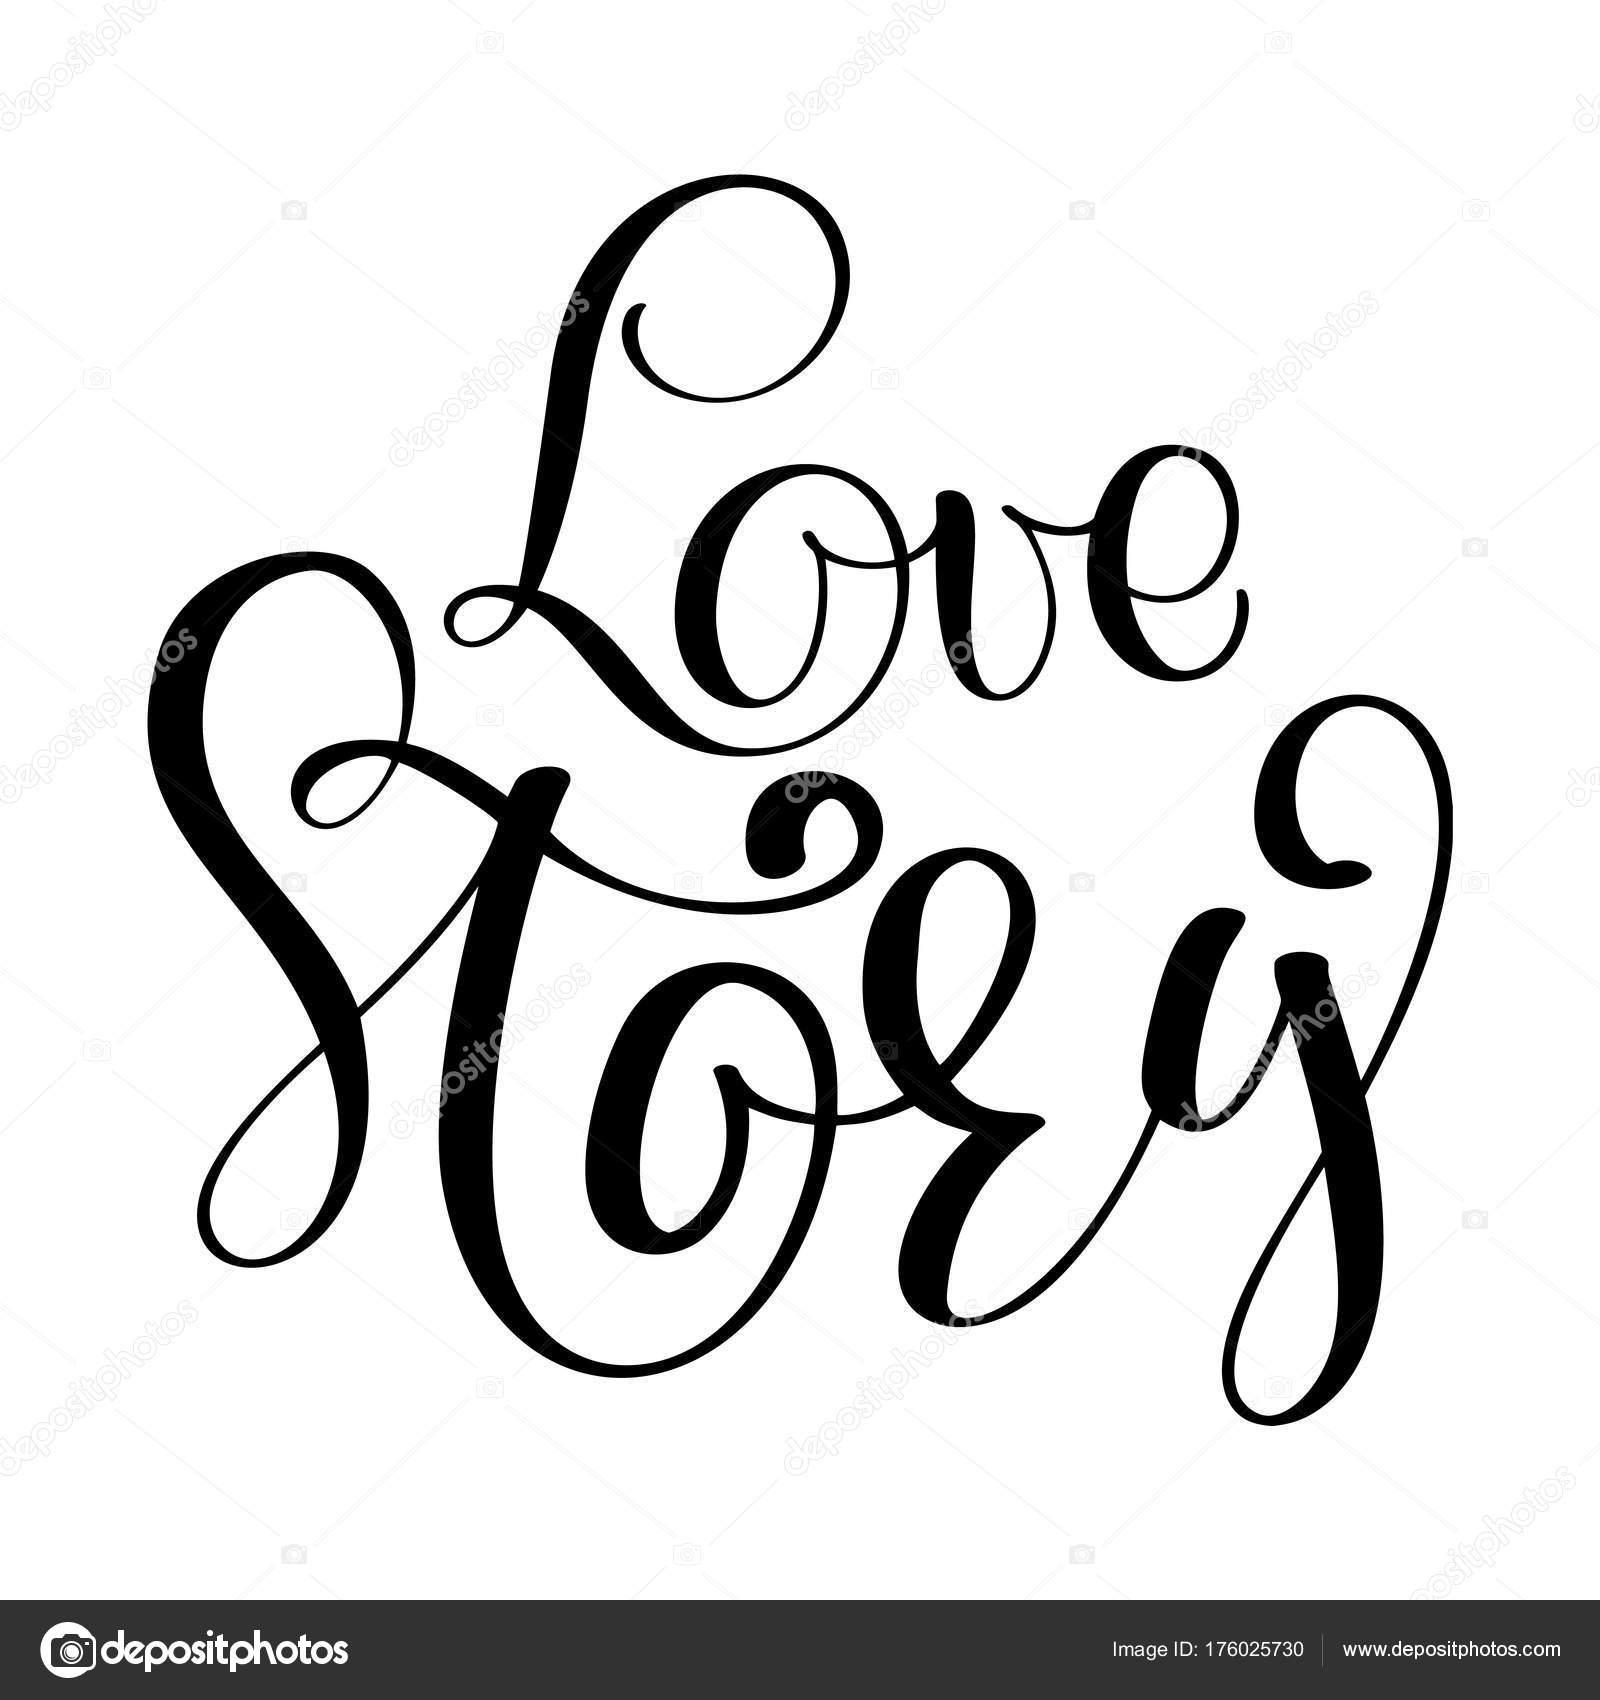 Vektor Inspirierende Hochzeit Zitat. Hand, Schriftzüge, Typografisches  Element Für